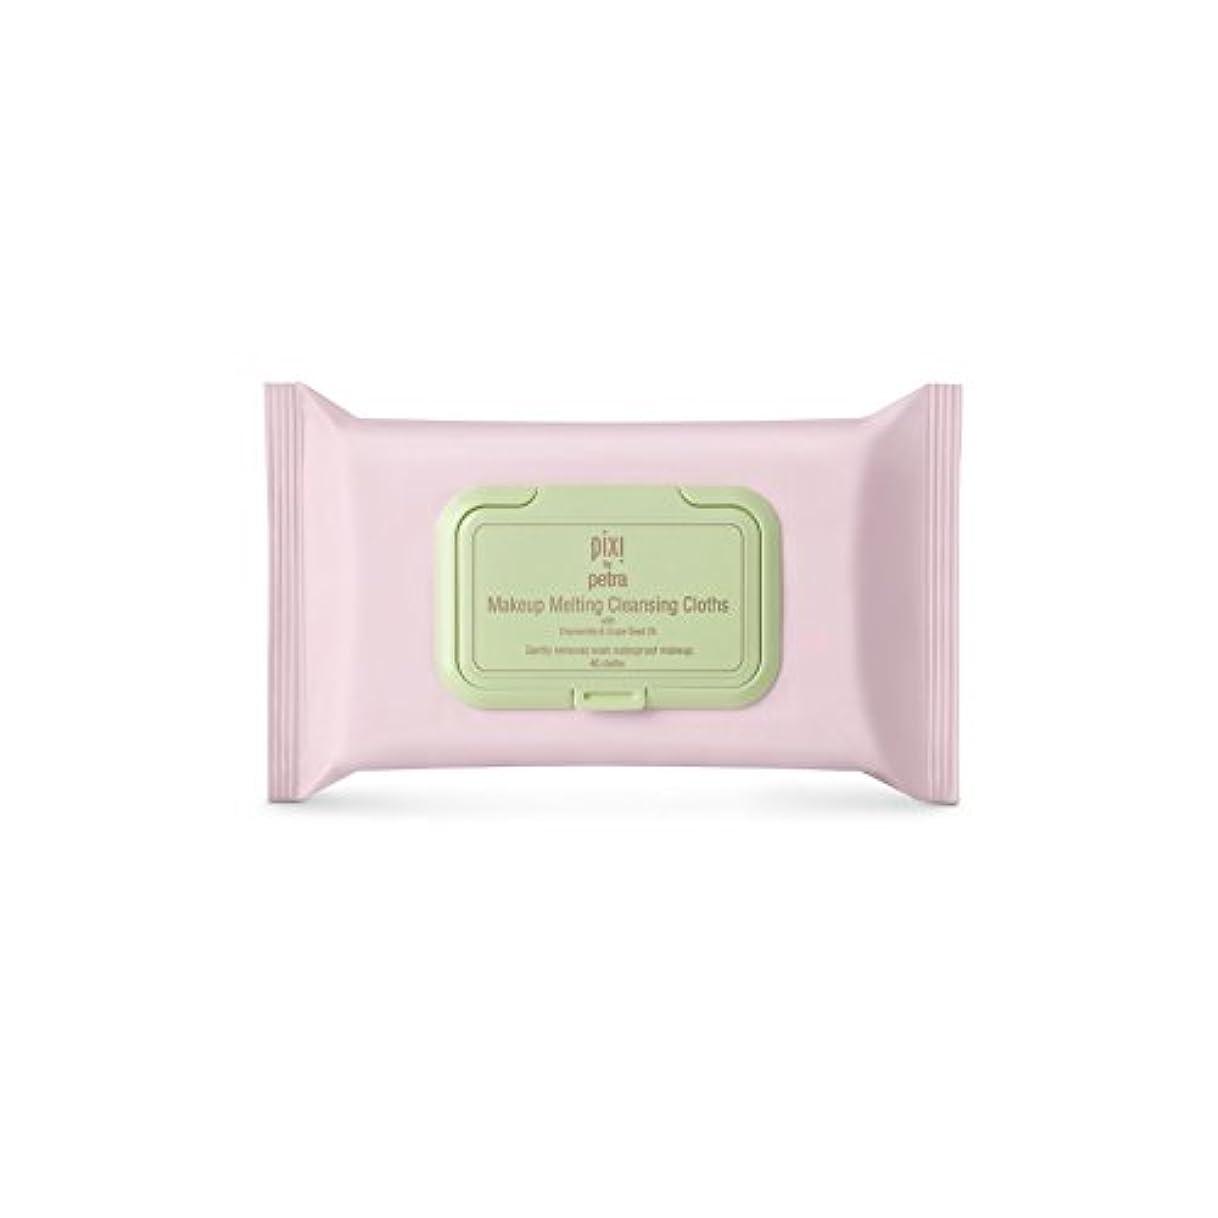 ヒップステーキ毒化粧溶融クレンジングクロス x2 - Pixi Makeup Melting Cleansing Cloths (Pack of 2) [並行輸入品]